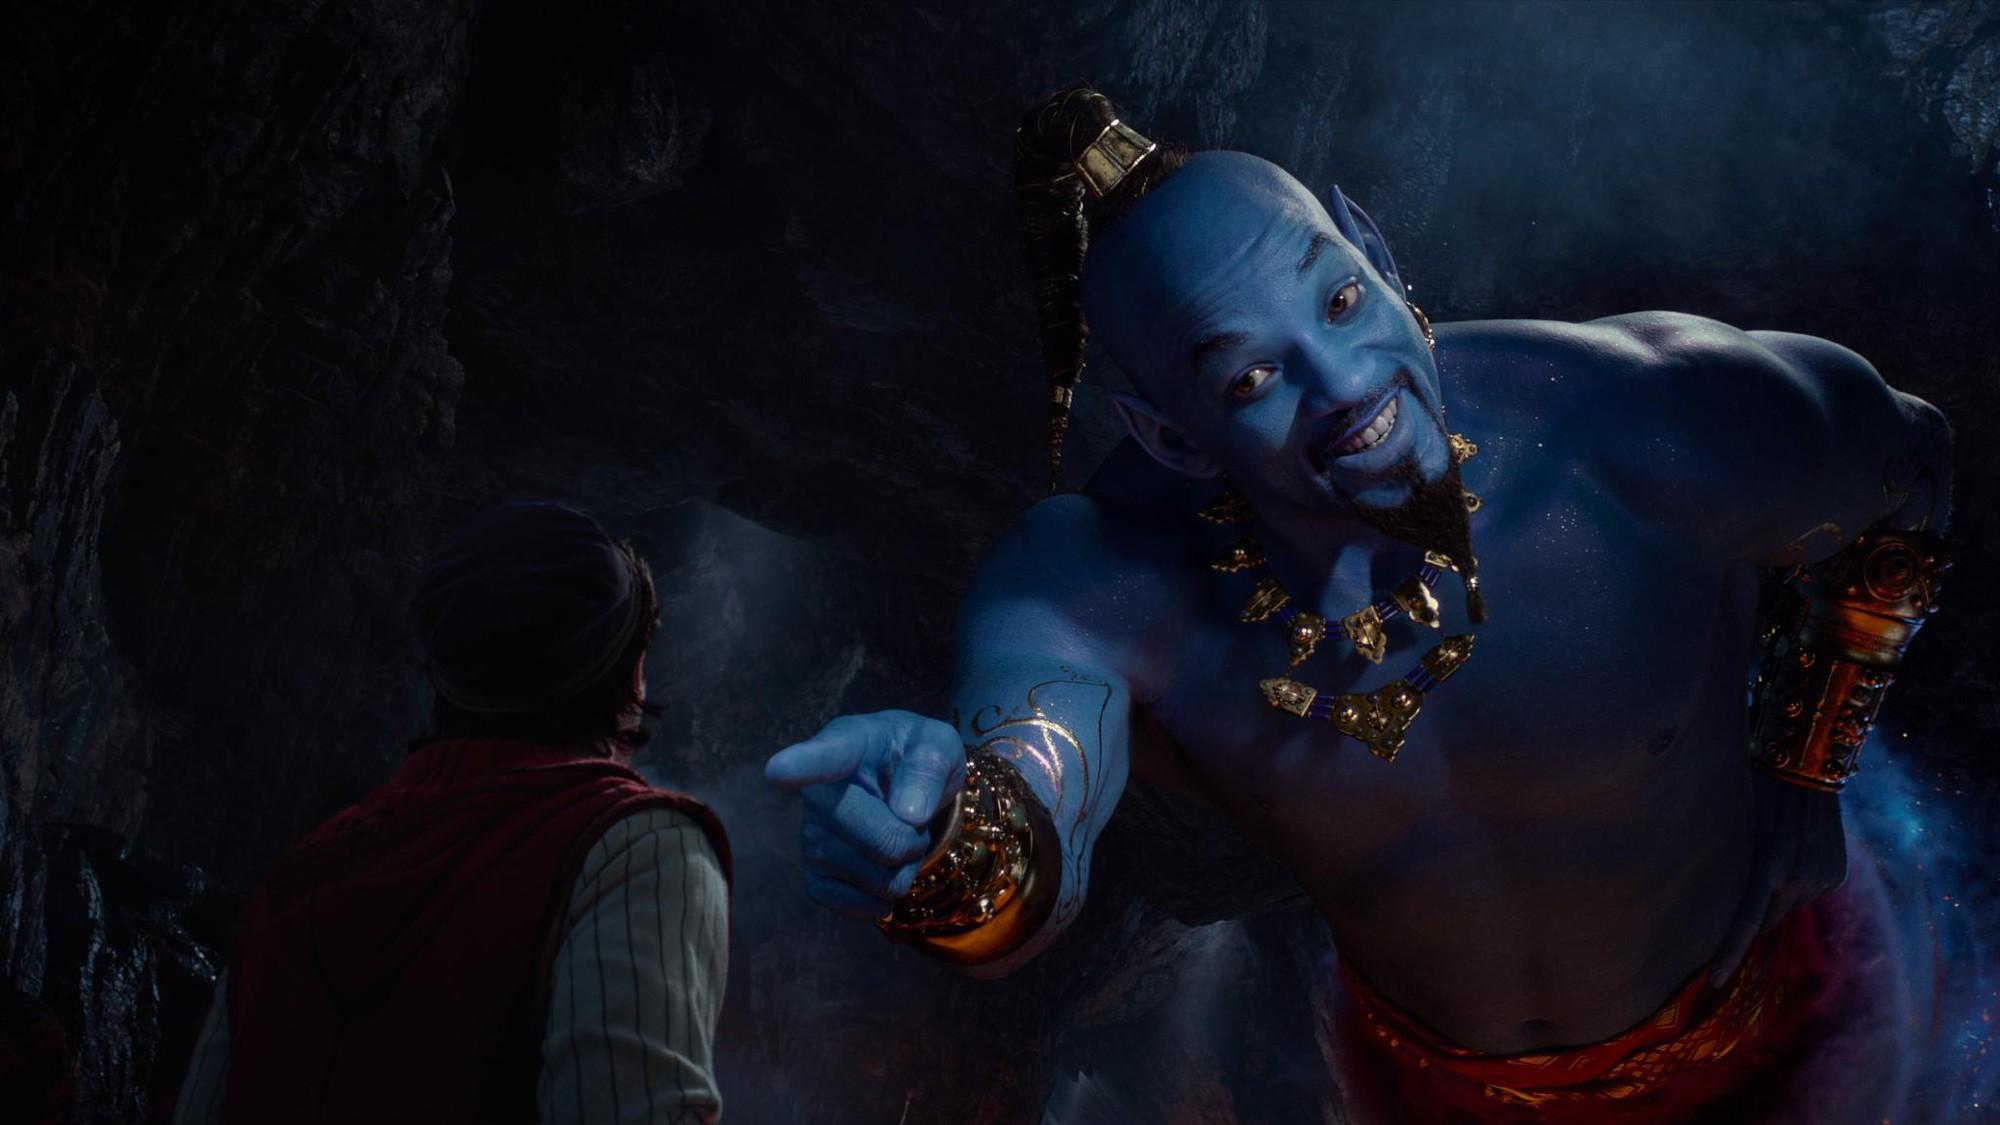 Ngộ chưa, Aladdin làm thiên hạ háo hức nghe nhạc còn hơn cả xem nội dung phim! - Hình 7